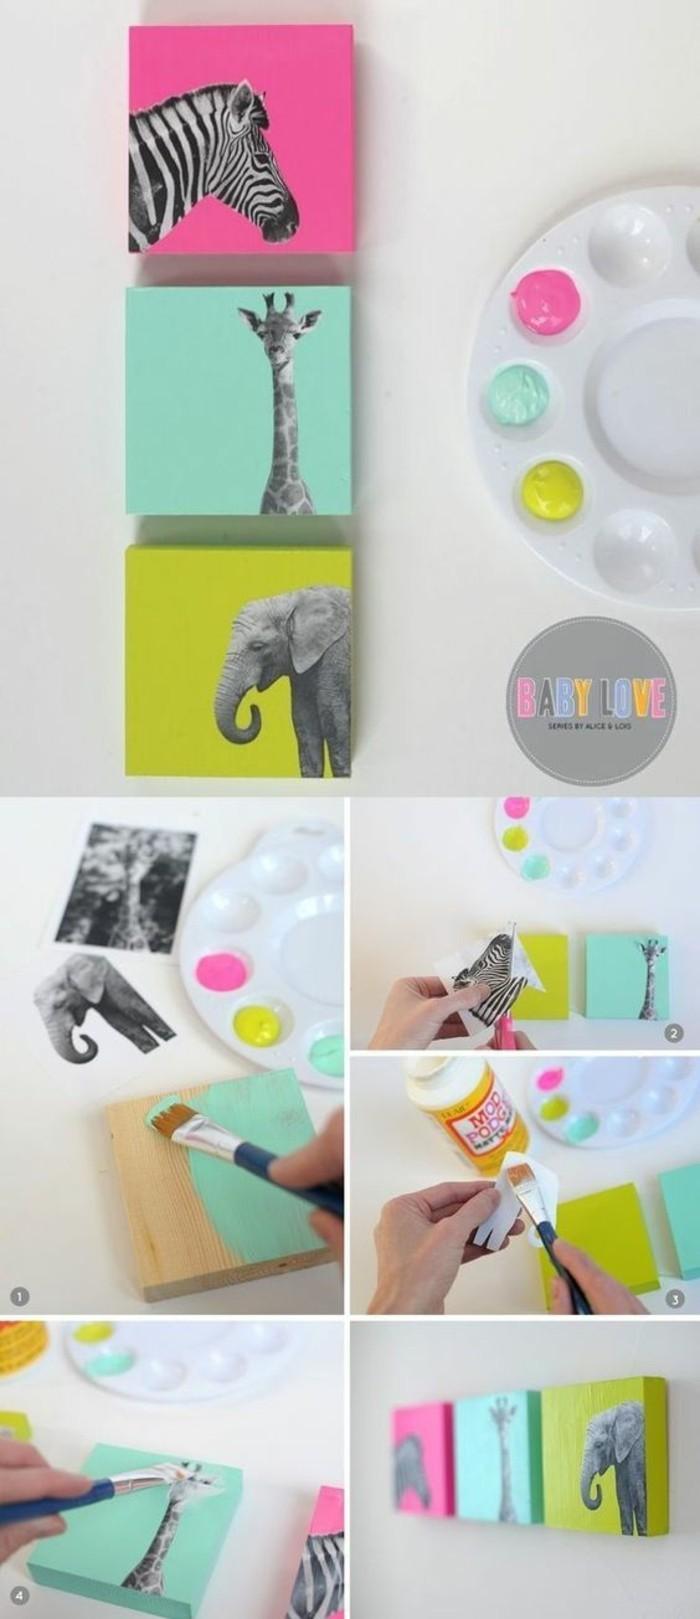 deco murale les animaux du jungle, girafe, zèbre, éléphant, collés sur cubes de bois multicolores